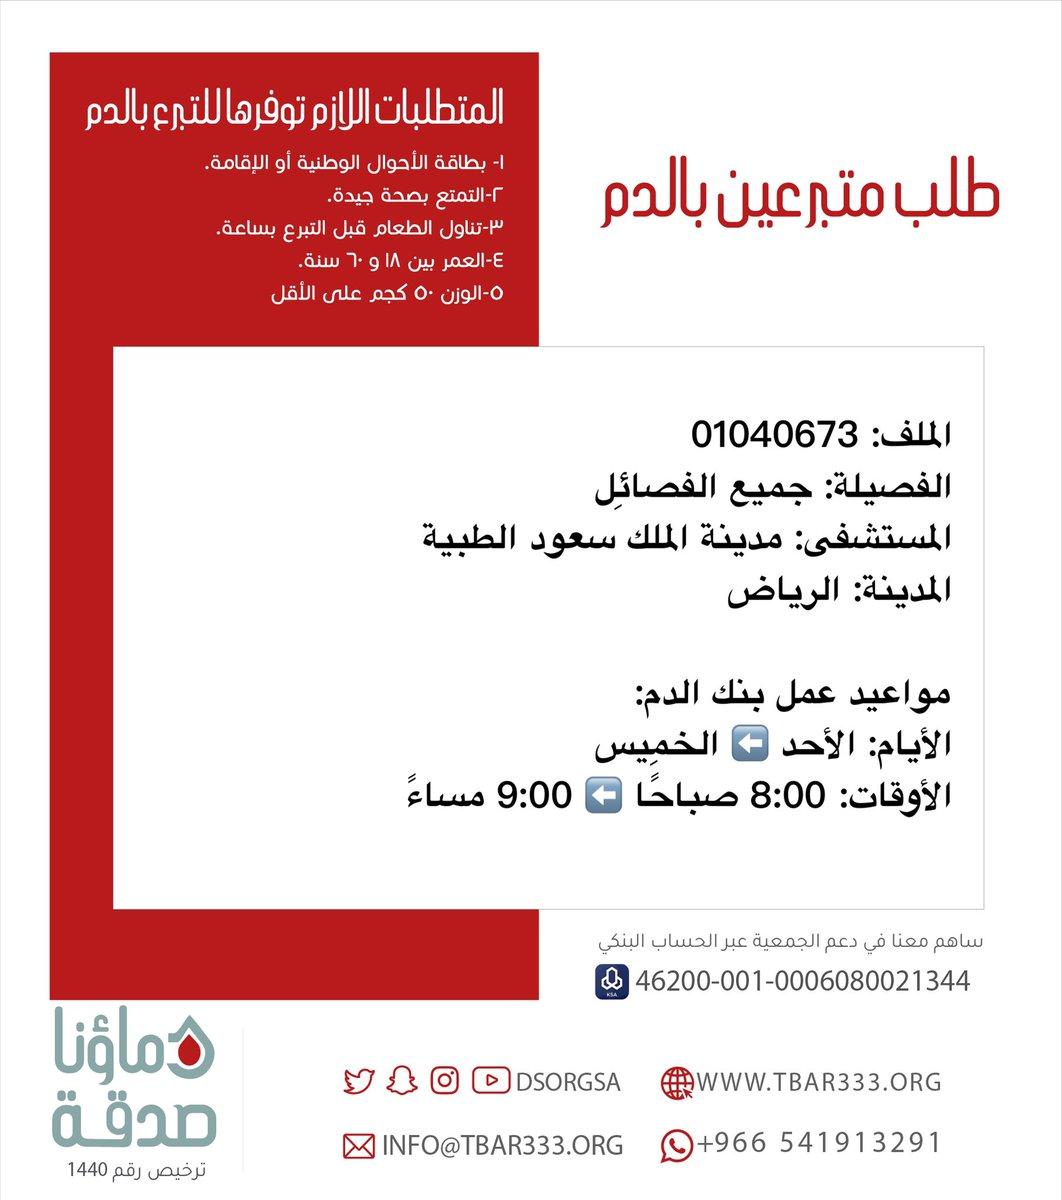 #عاجل🛑  اختكم صاحبة الملف 01040673 بحاجة مآآآسة إلى: #تبرع #دم   الفصيلة: جميع الفصائِل  المستشفى: مدينة الملك سعود الطبية(الشميسي) #الرياض